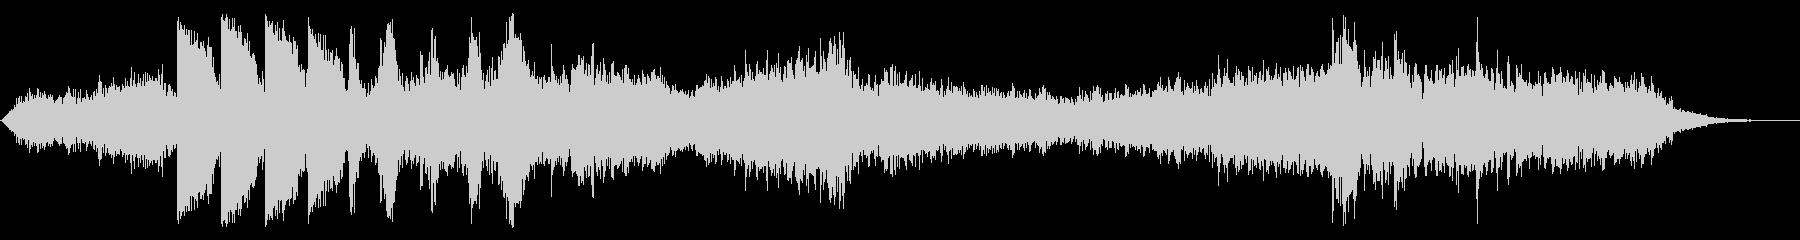 ダークなアンビエント ブラス無版の未再生の波形